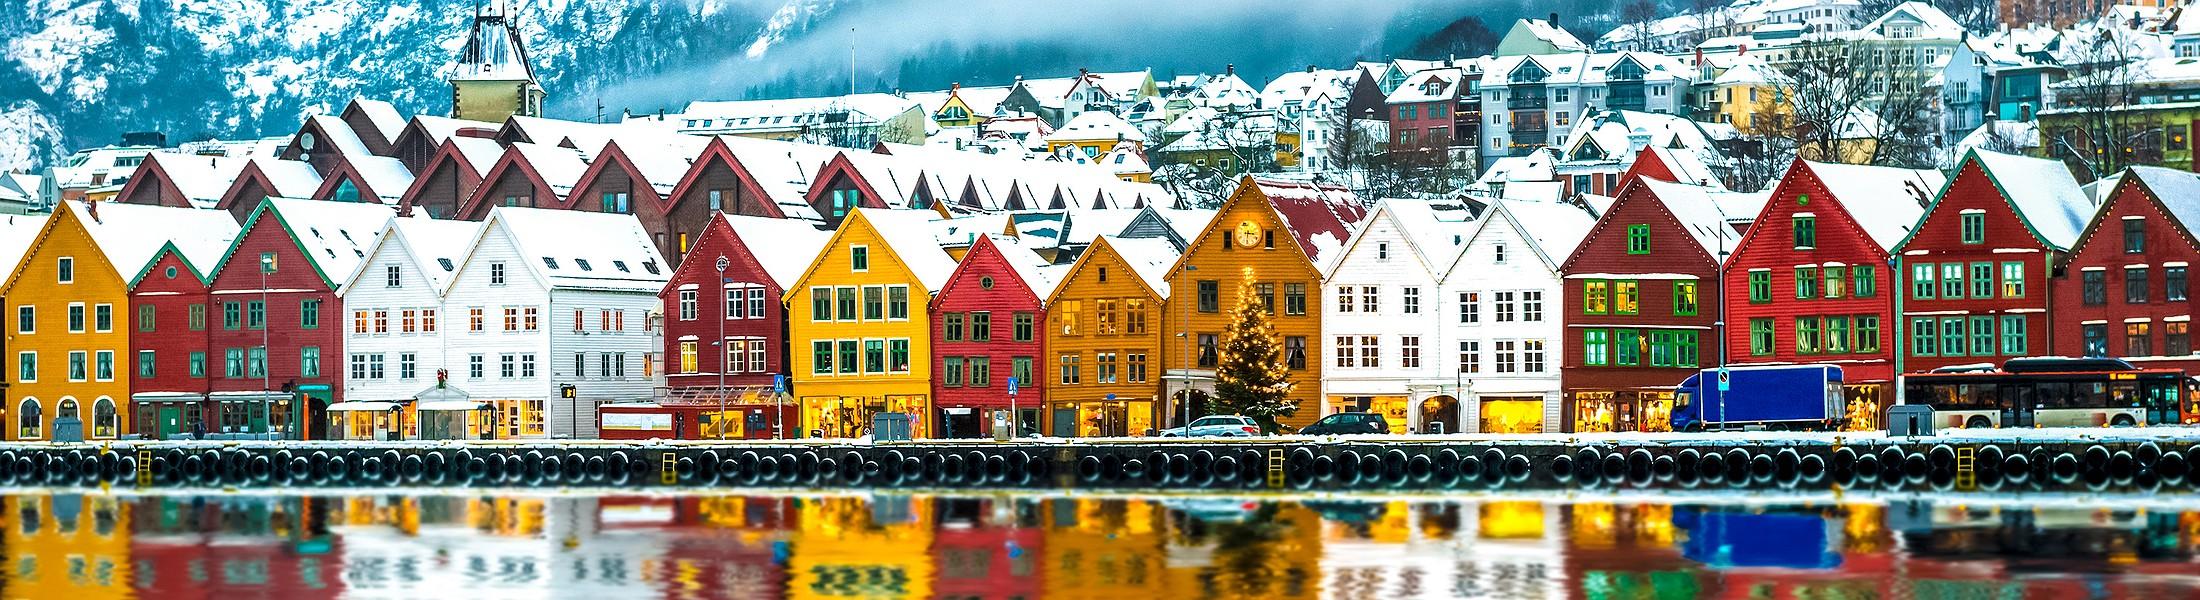 Норвегия не знает, куда девать накопленные нефтедоллары